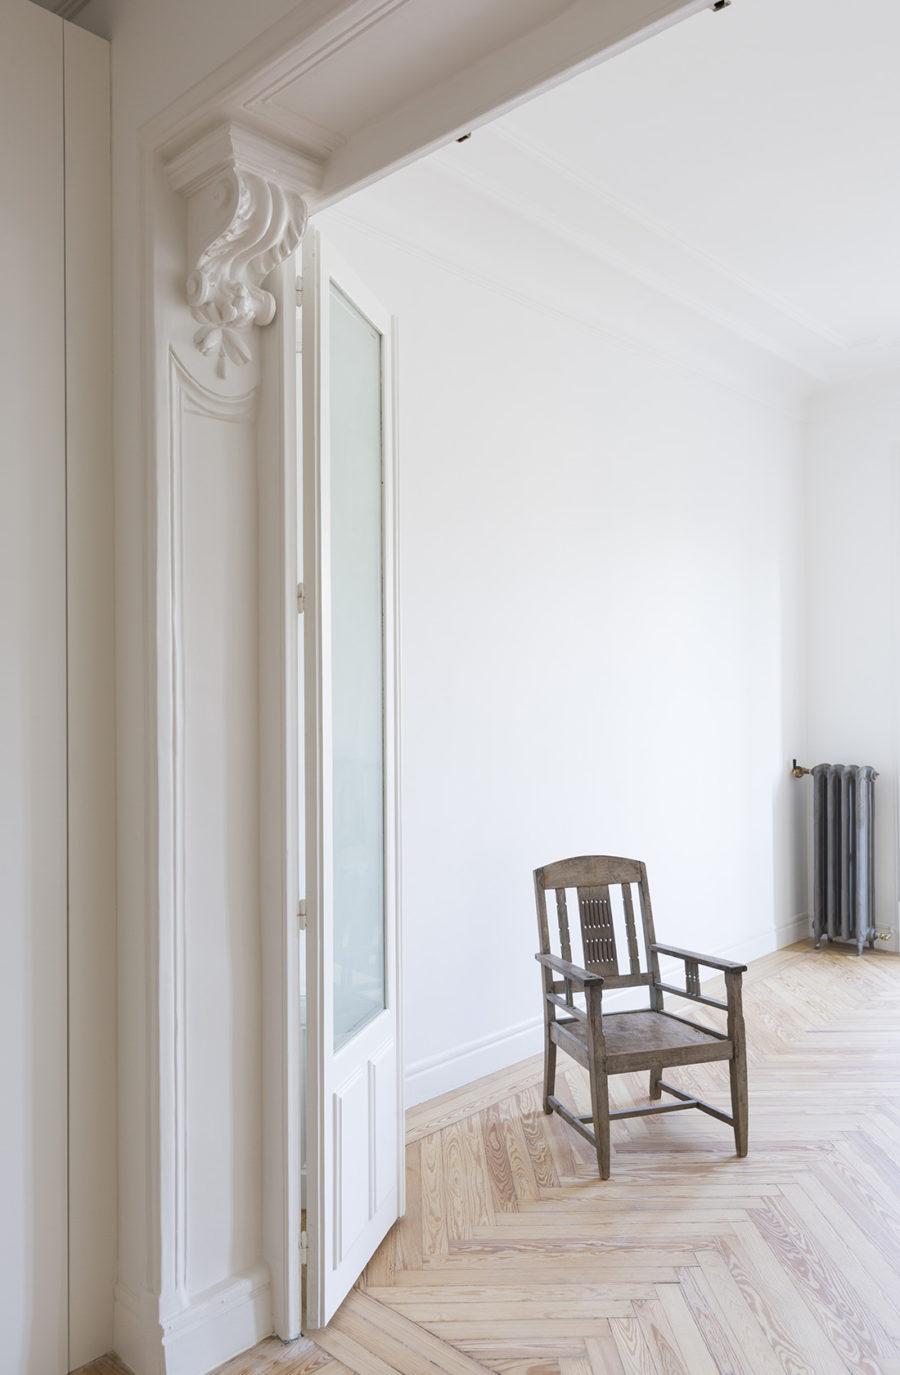 salon de la reforma intergral realizada en un piso en el centro de Madrid